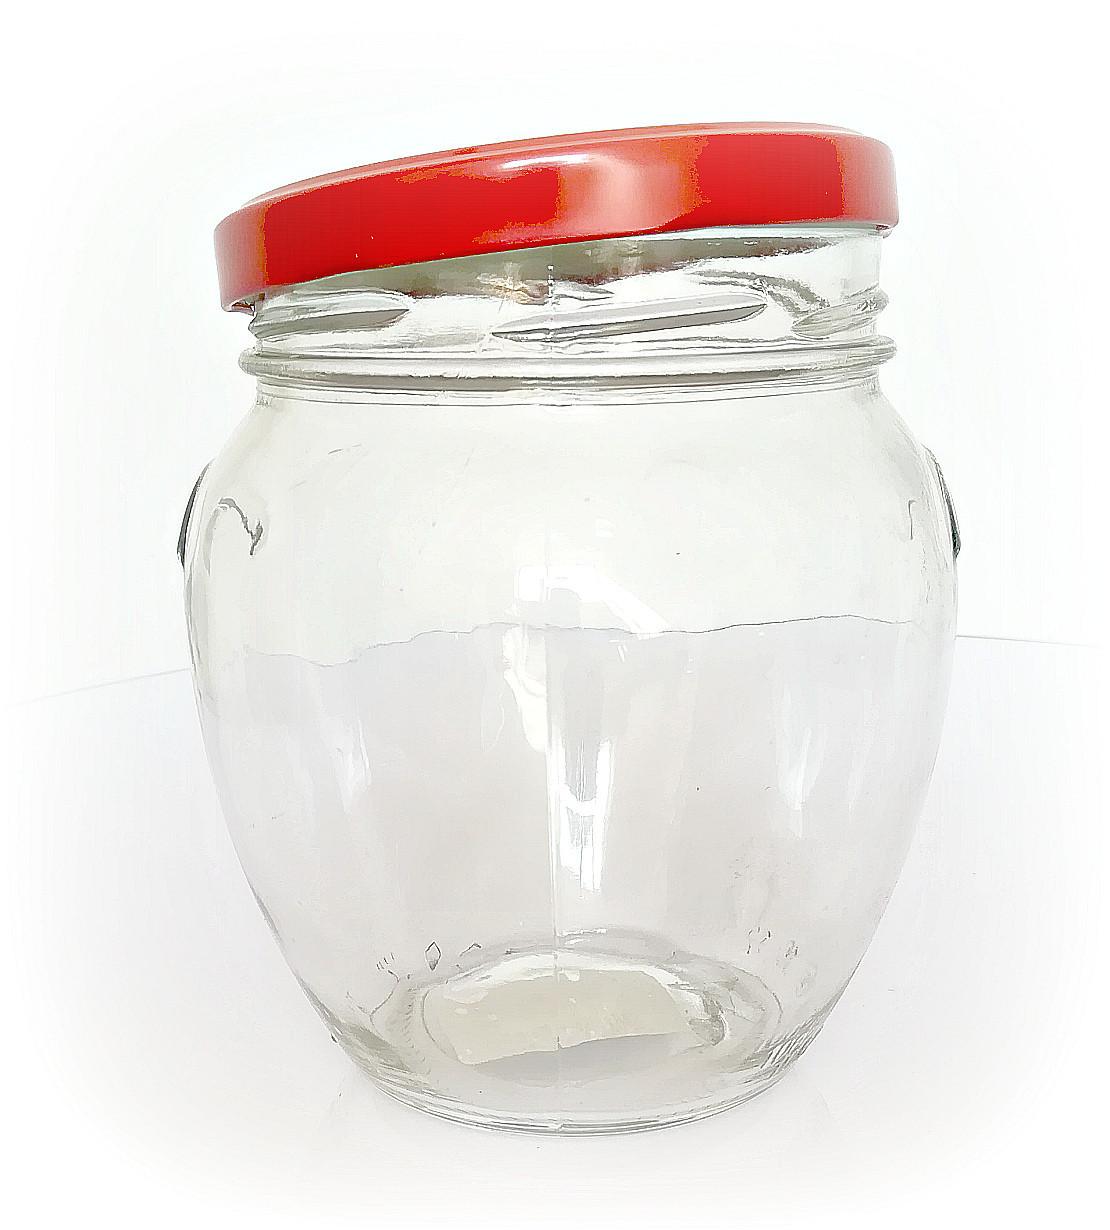 Сахарница стеклянная в России. Купить Недорого у ...